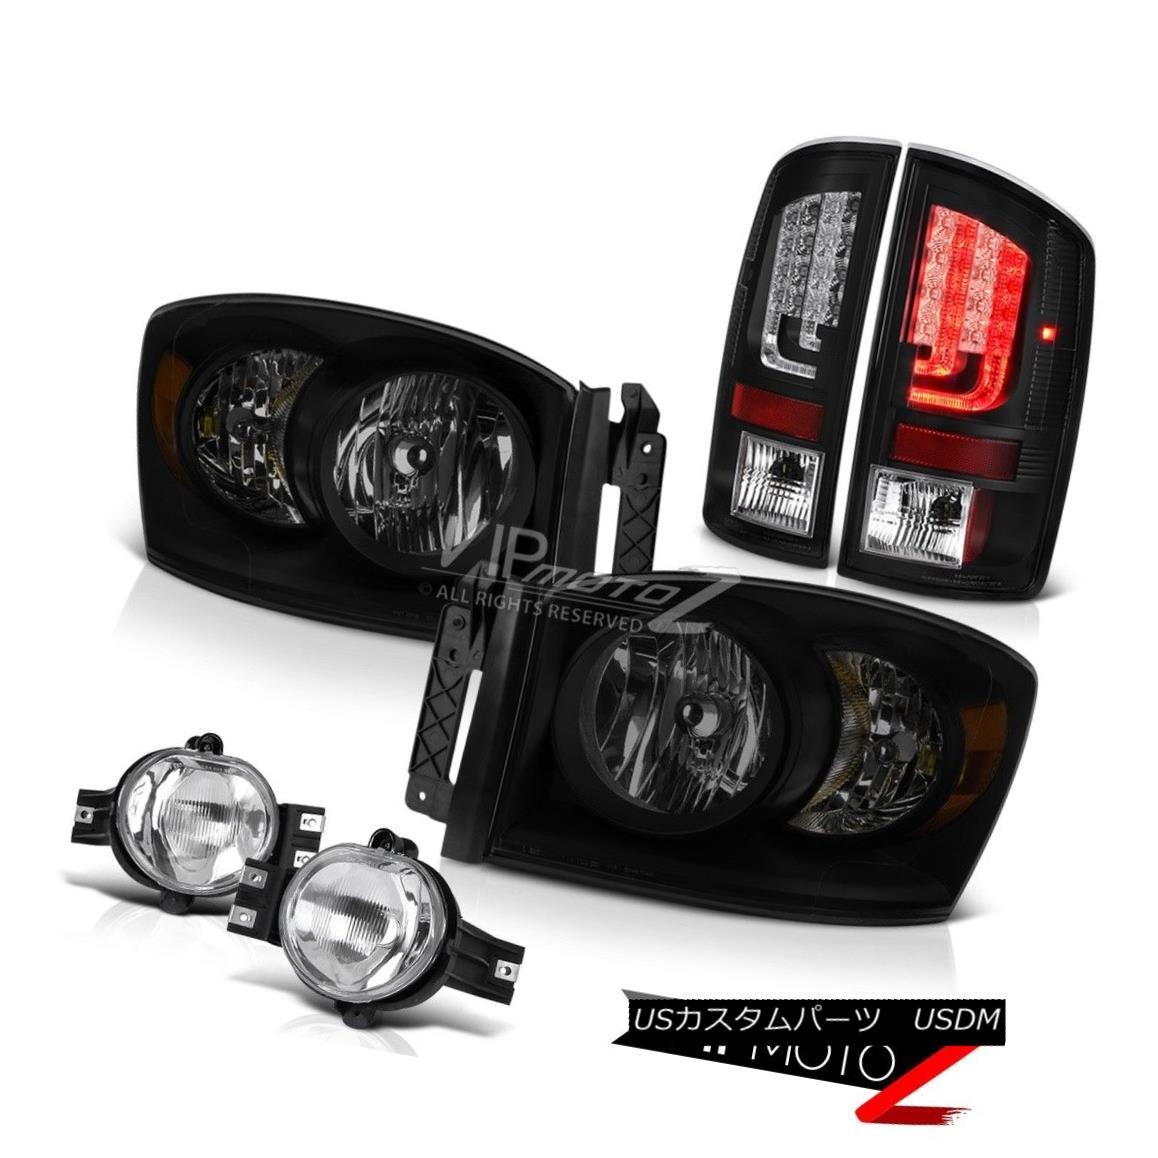 ヘッドライト 2006 Ram SRT-10 Matte Black Tail Lights SiniSTer Headlamps Fog Lamps Oe STyle 2006 Ram SRT-10マットブラックテールライトSiniSTerヘッドランプフォグランプOe STyle